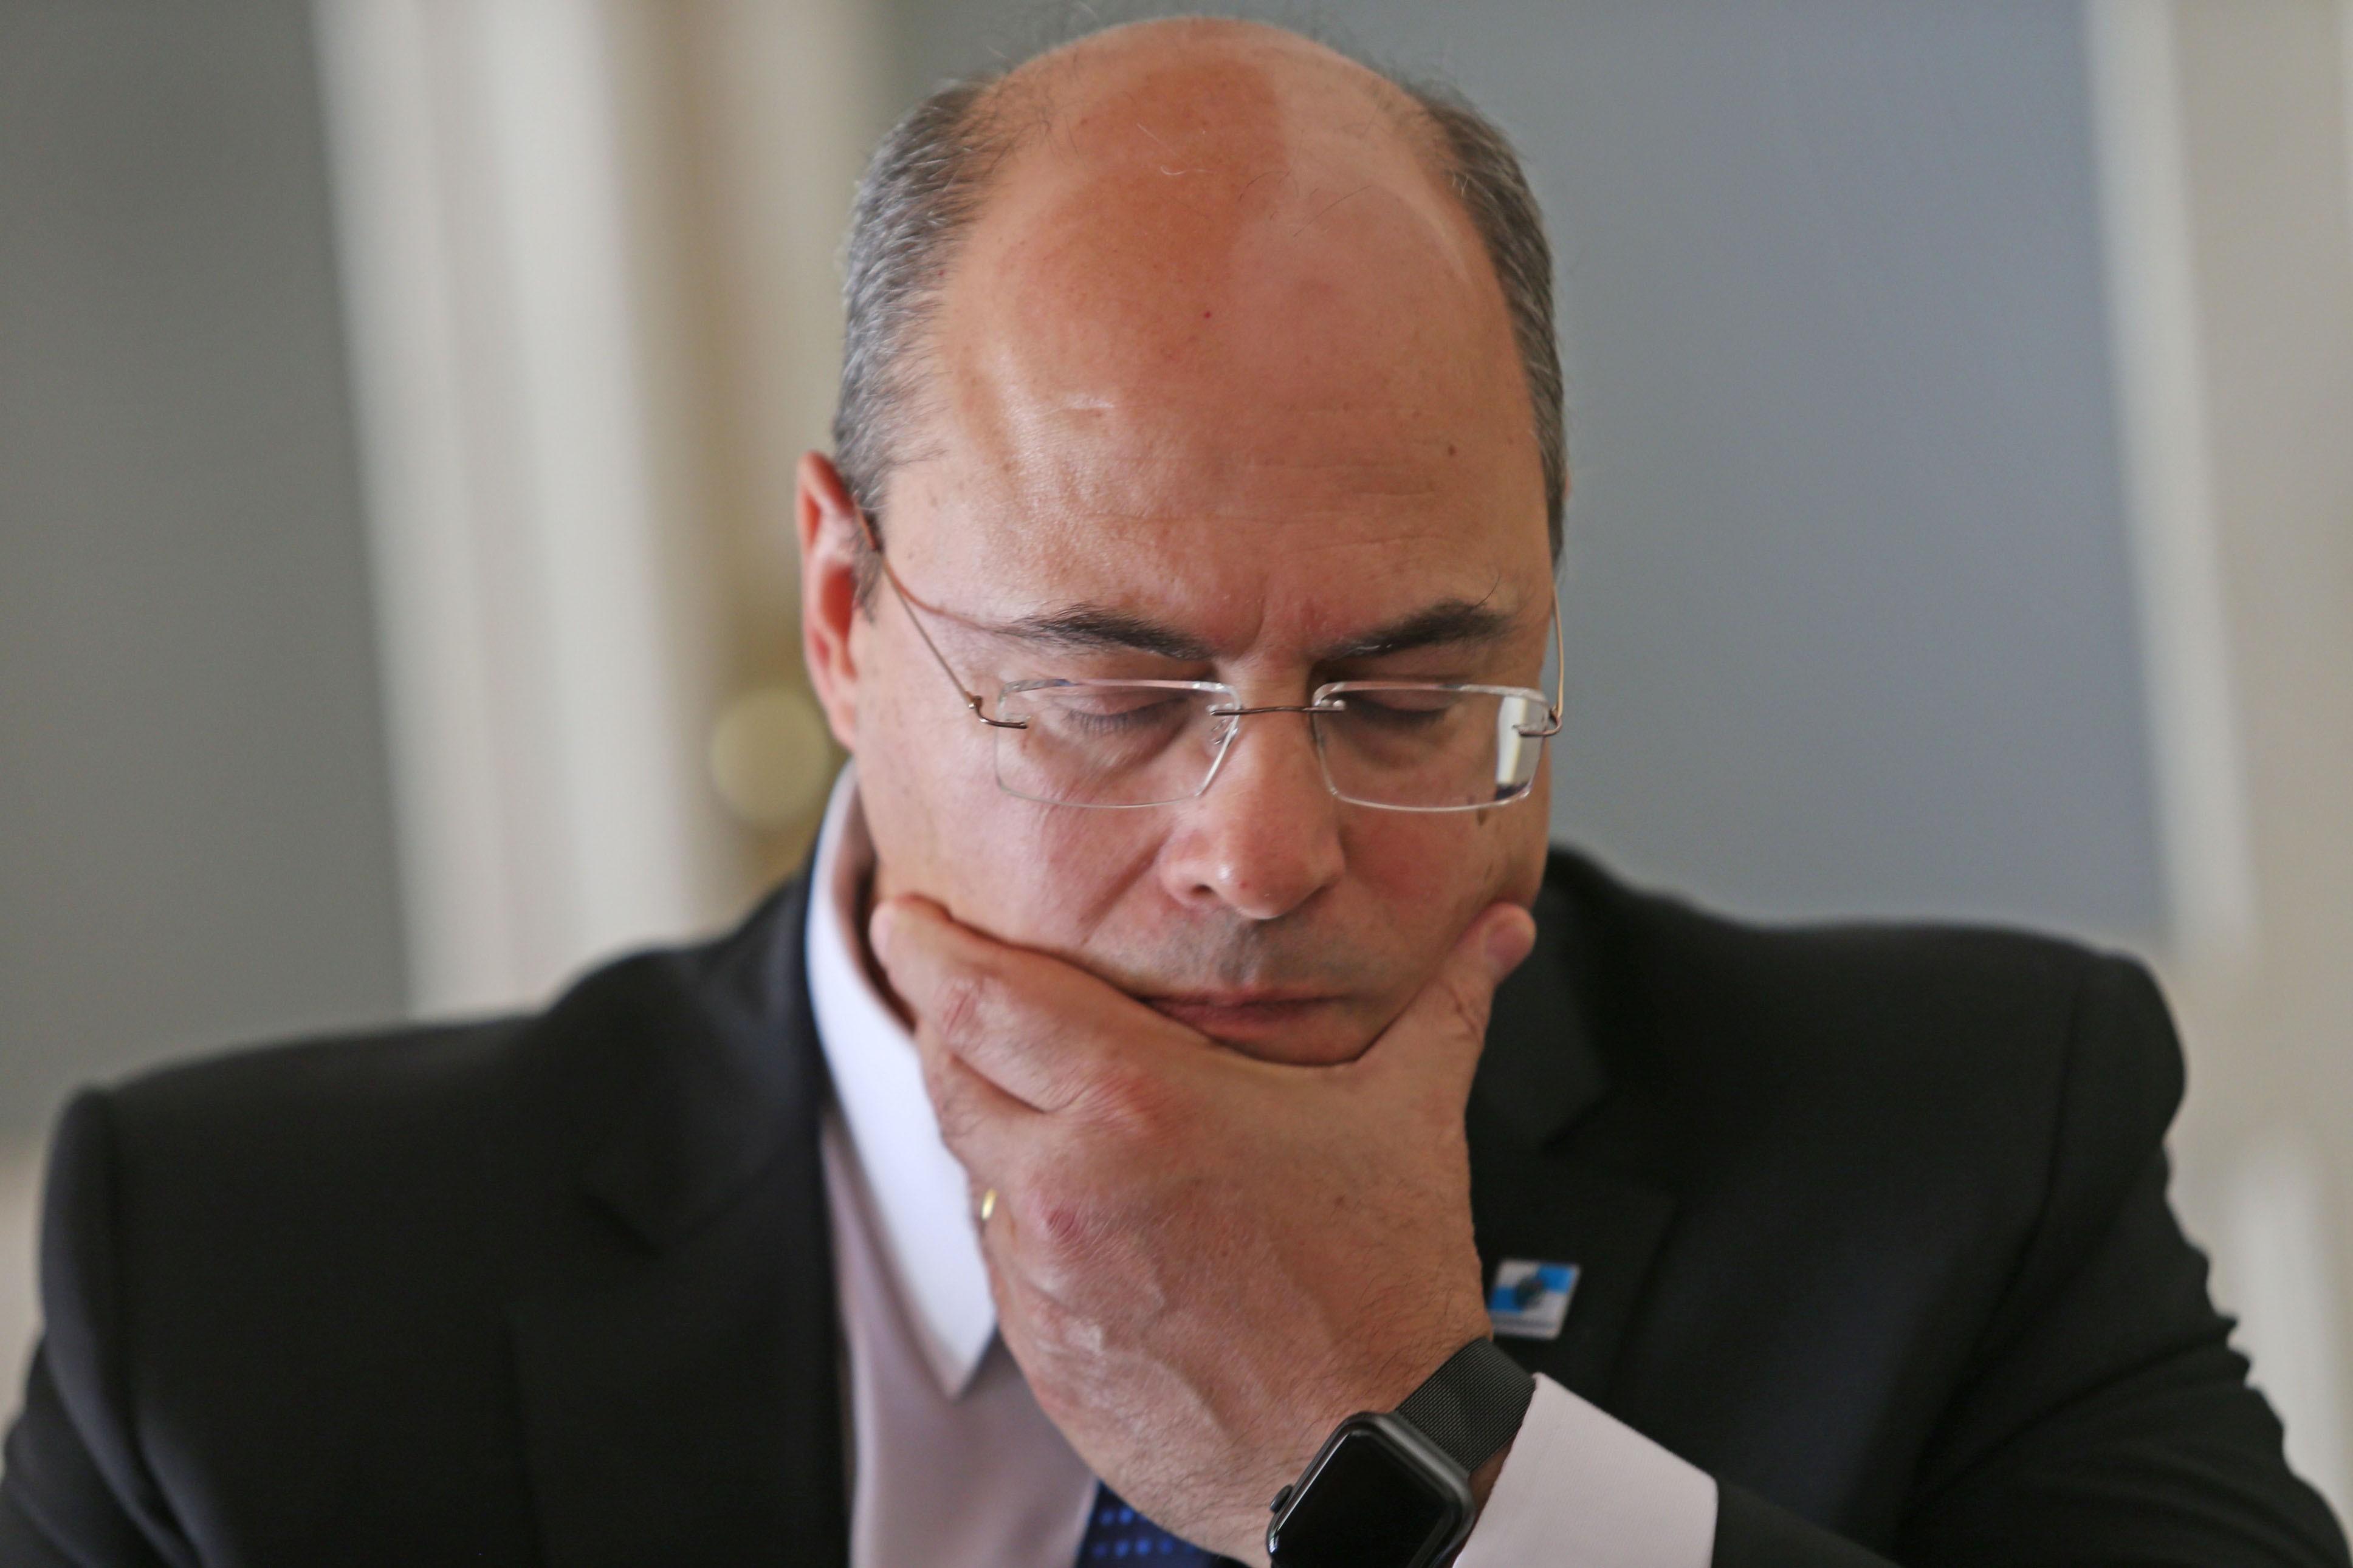 Witzel apresenta defesa ao tribunal que julga impeachment e pede convocação de Dilma Rousseff como testemunha